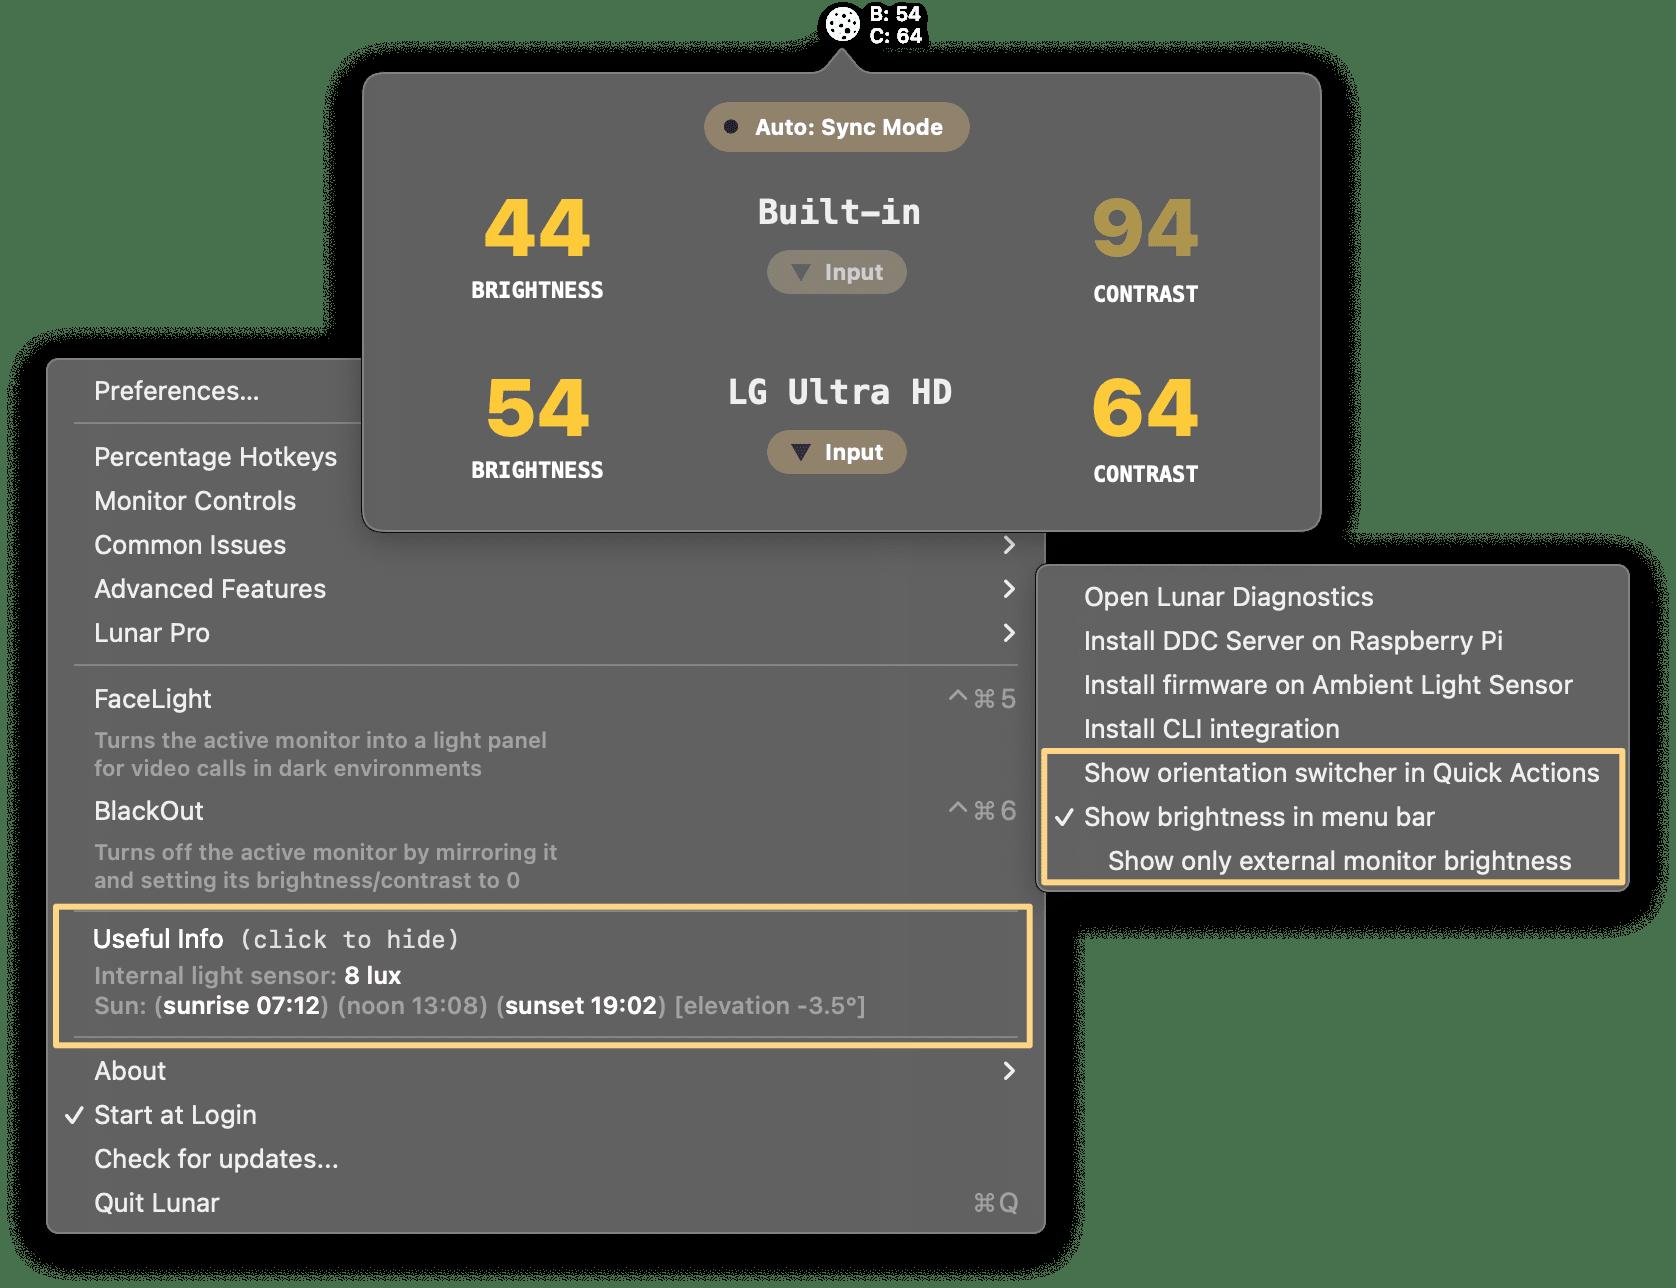 menu bar improvements